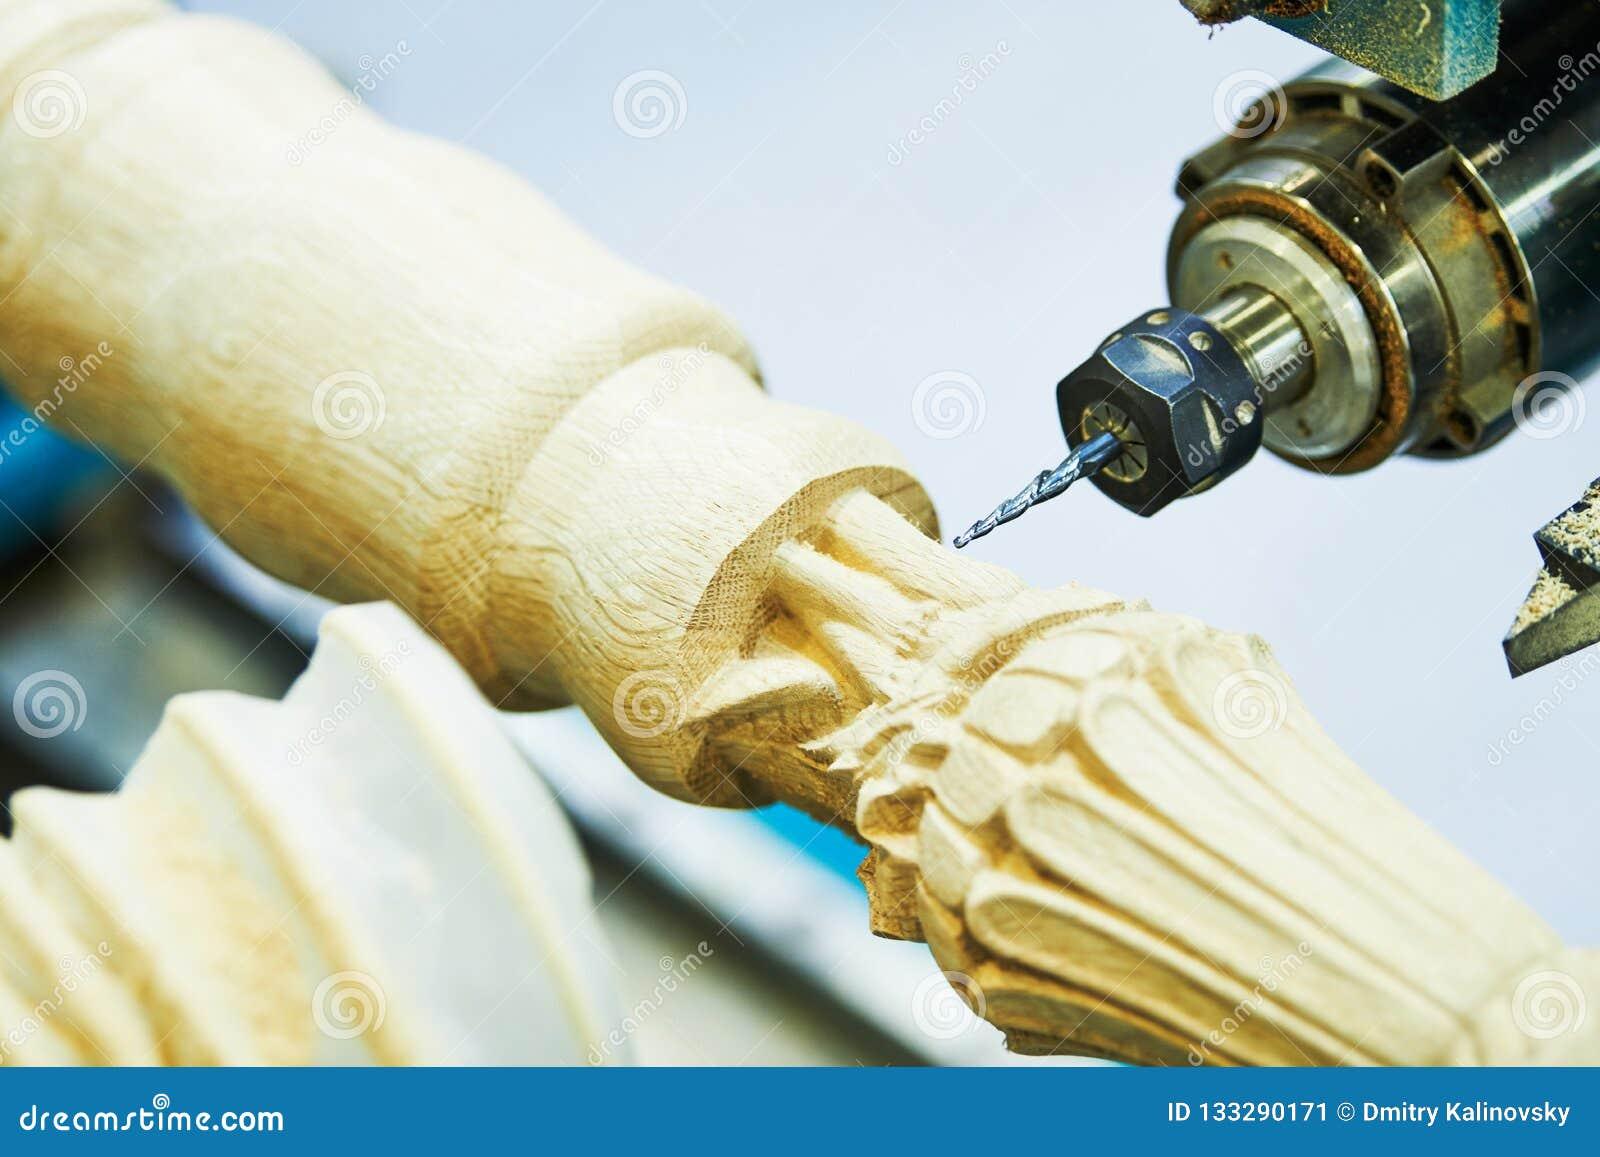 Houtbewerking met cnc machine Meubilairproductie